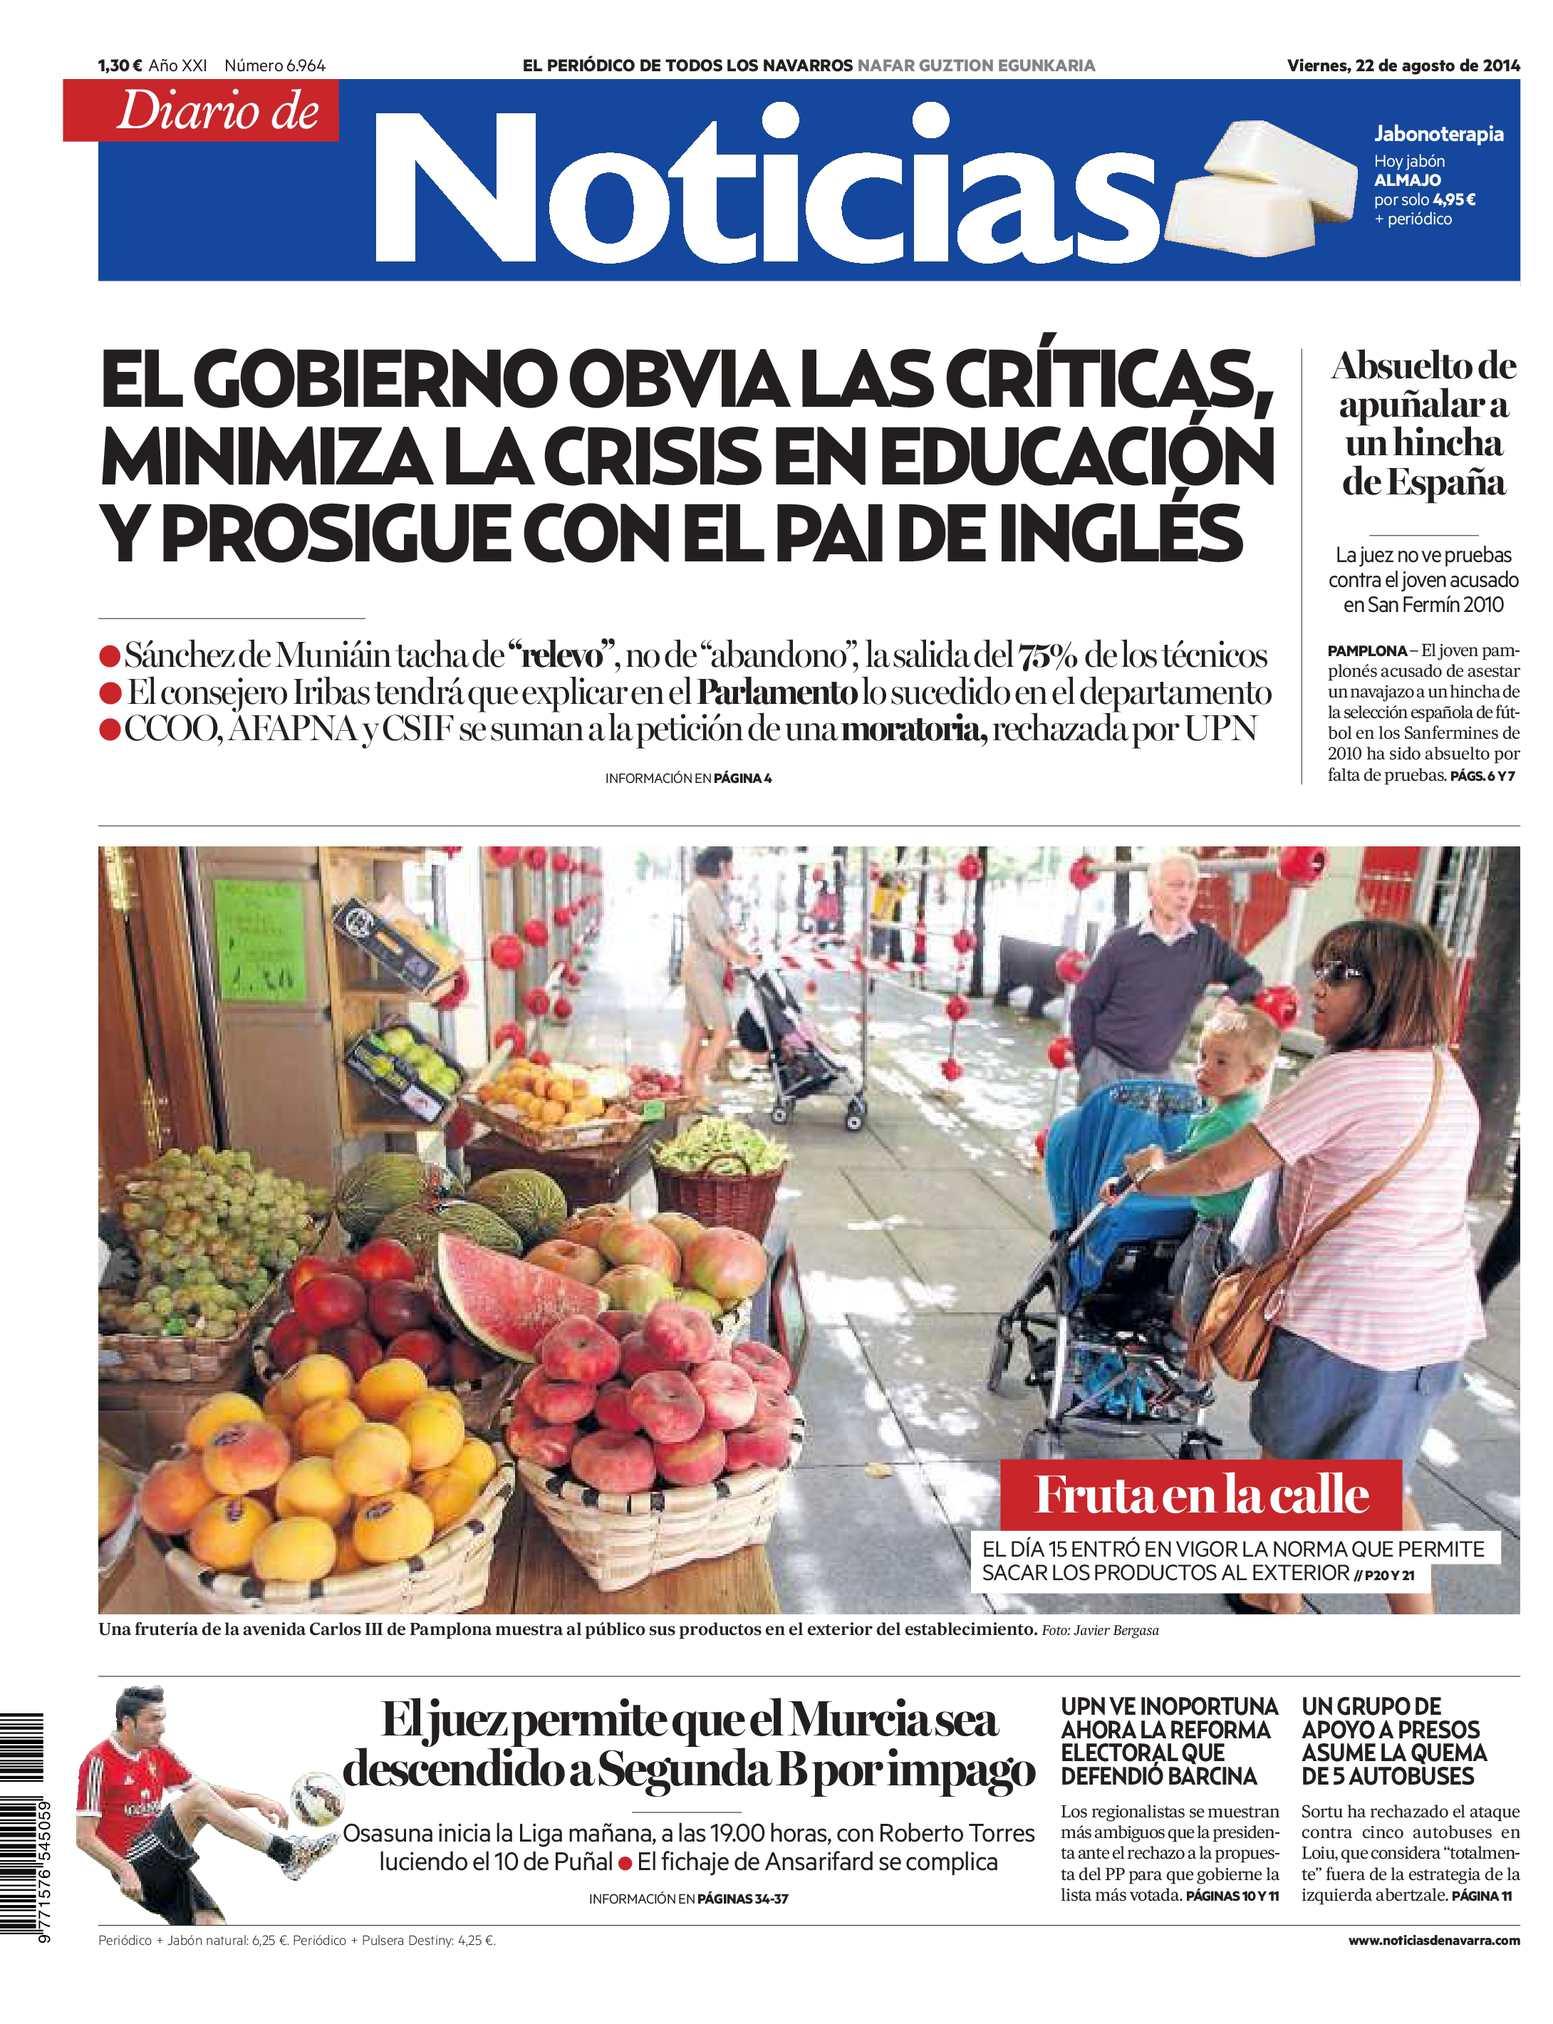 De Diario De Calaméo Noticias 20140822 Calaméo Noticias 20140822 Diario Calaméo v76fYgby